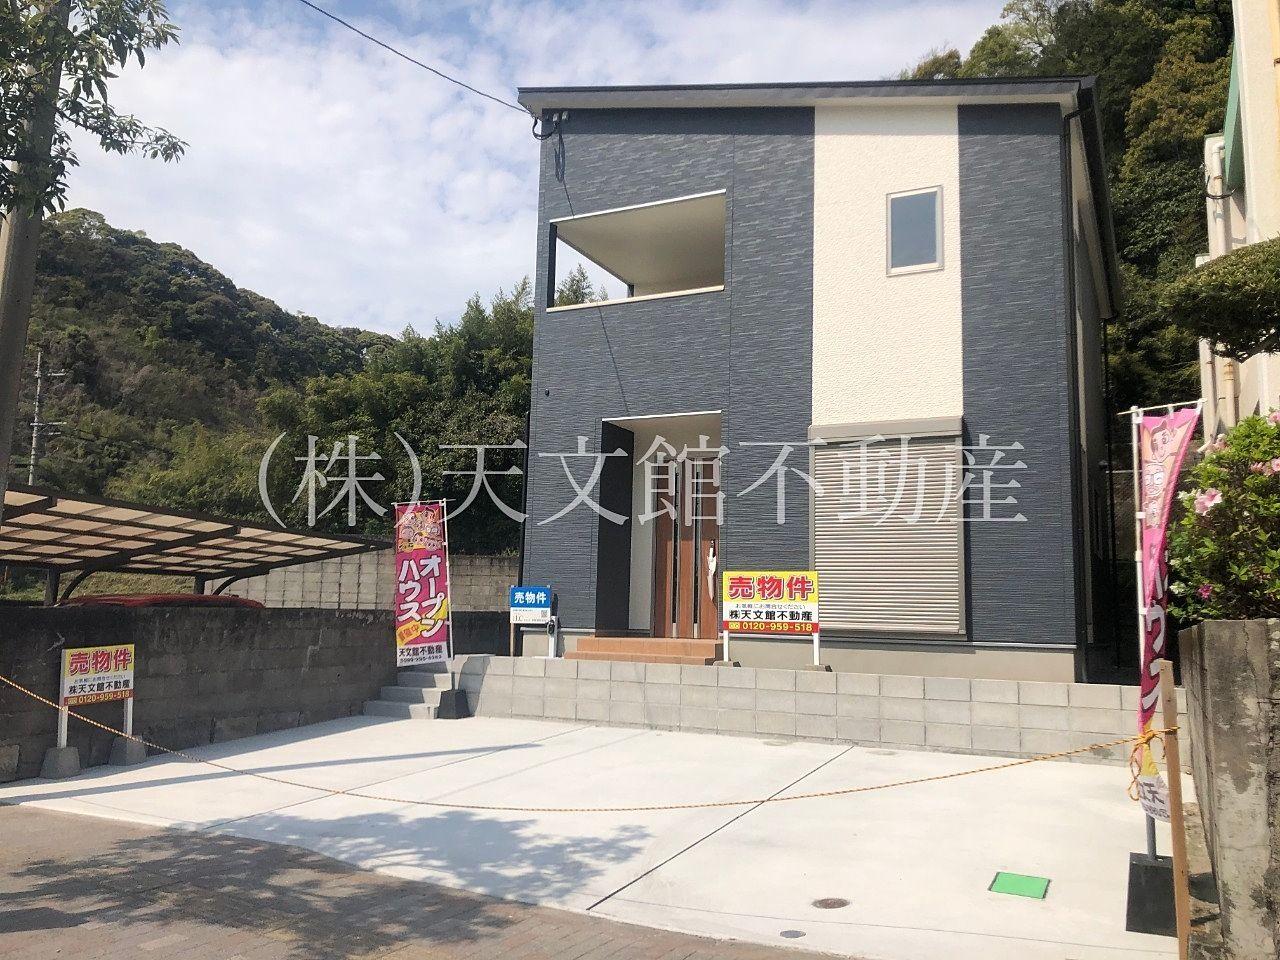 鹿児島市玉里町の新築売家の外観写真です。